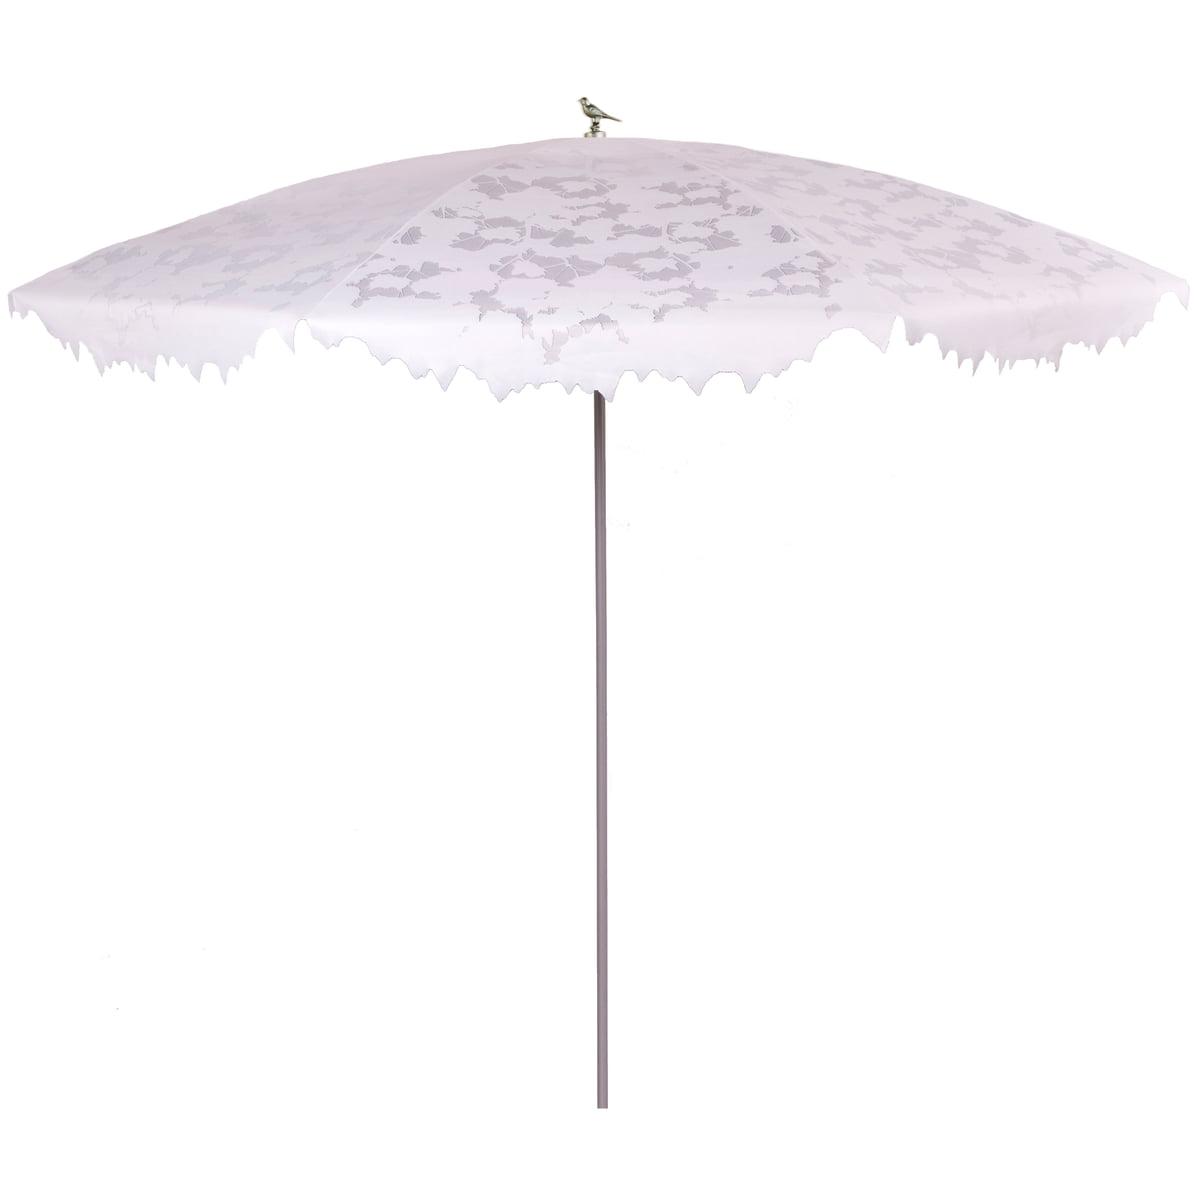 Droog Design - Shadylace Sonnenschirm XL, weiß / silber | Garten > Sonnenschirme und Markisen | Droog Design